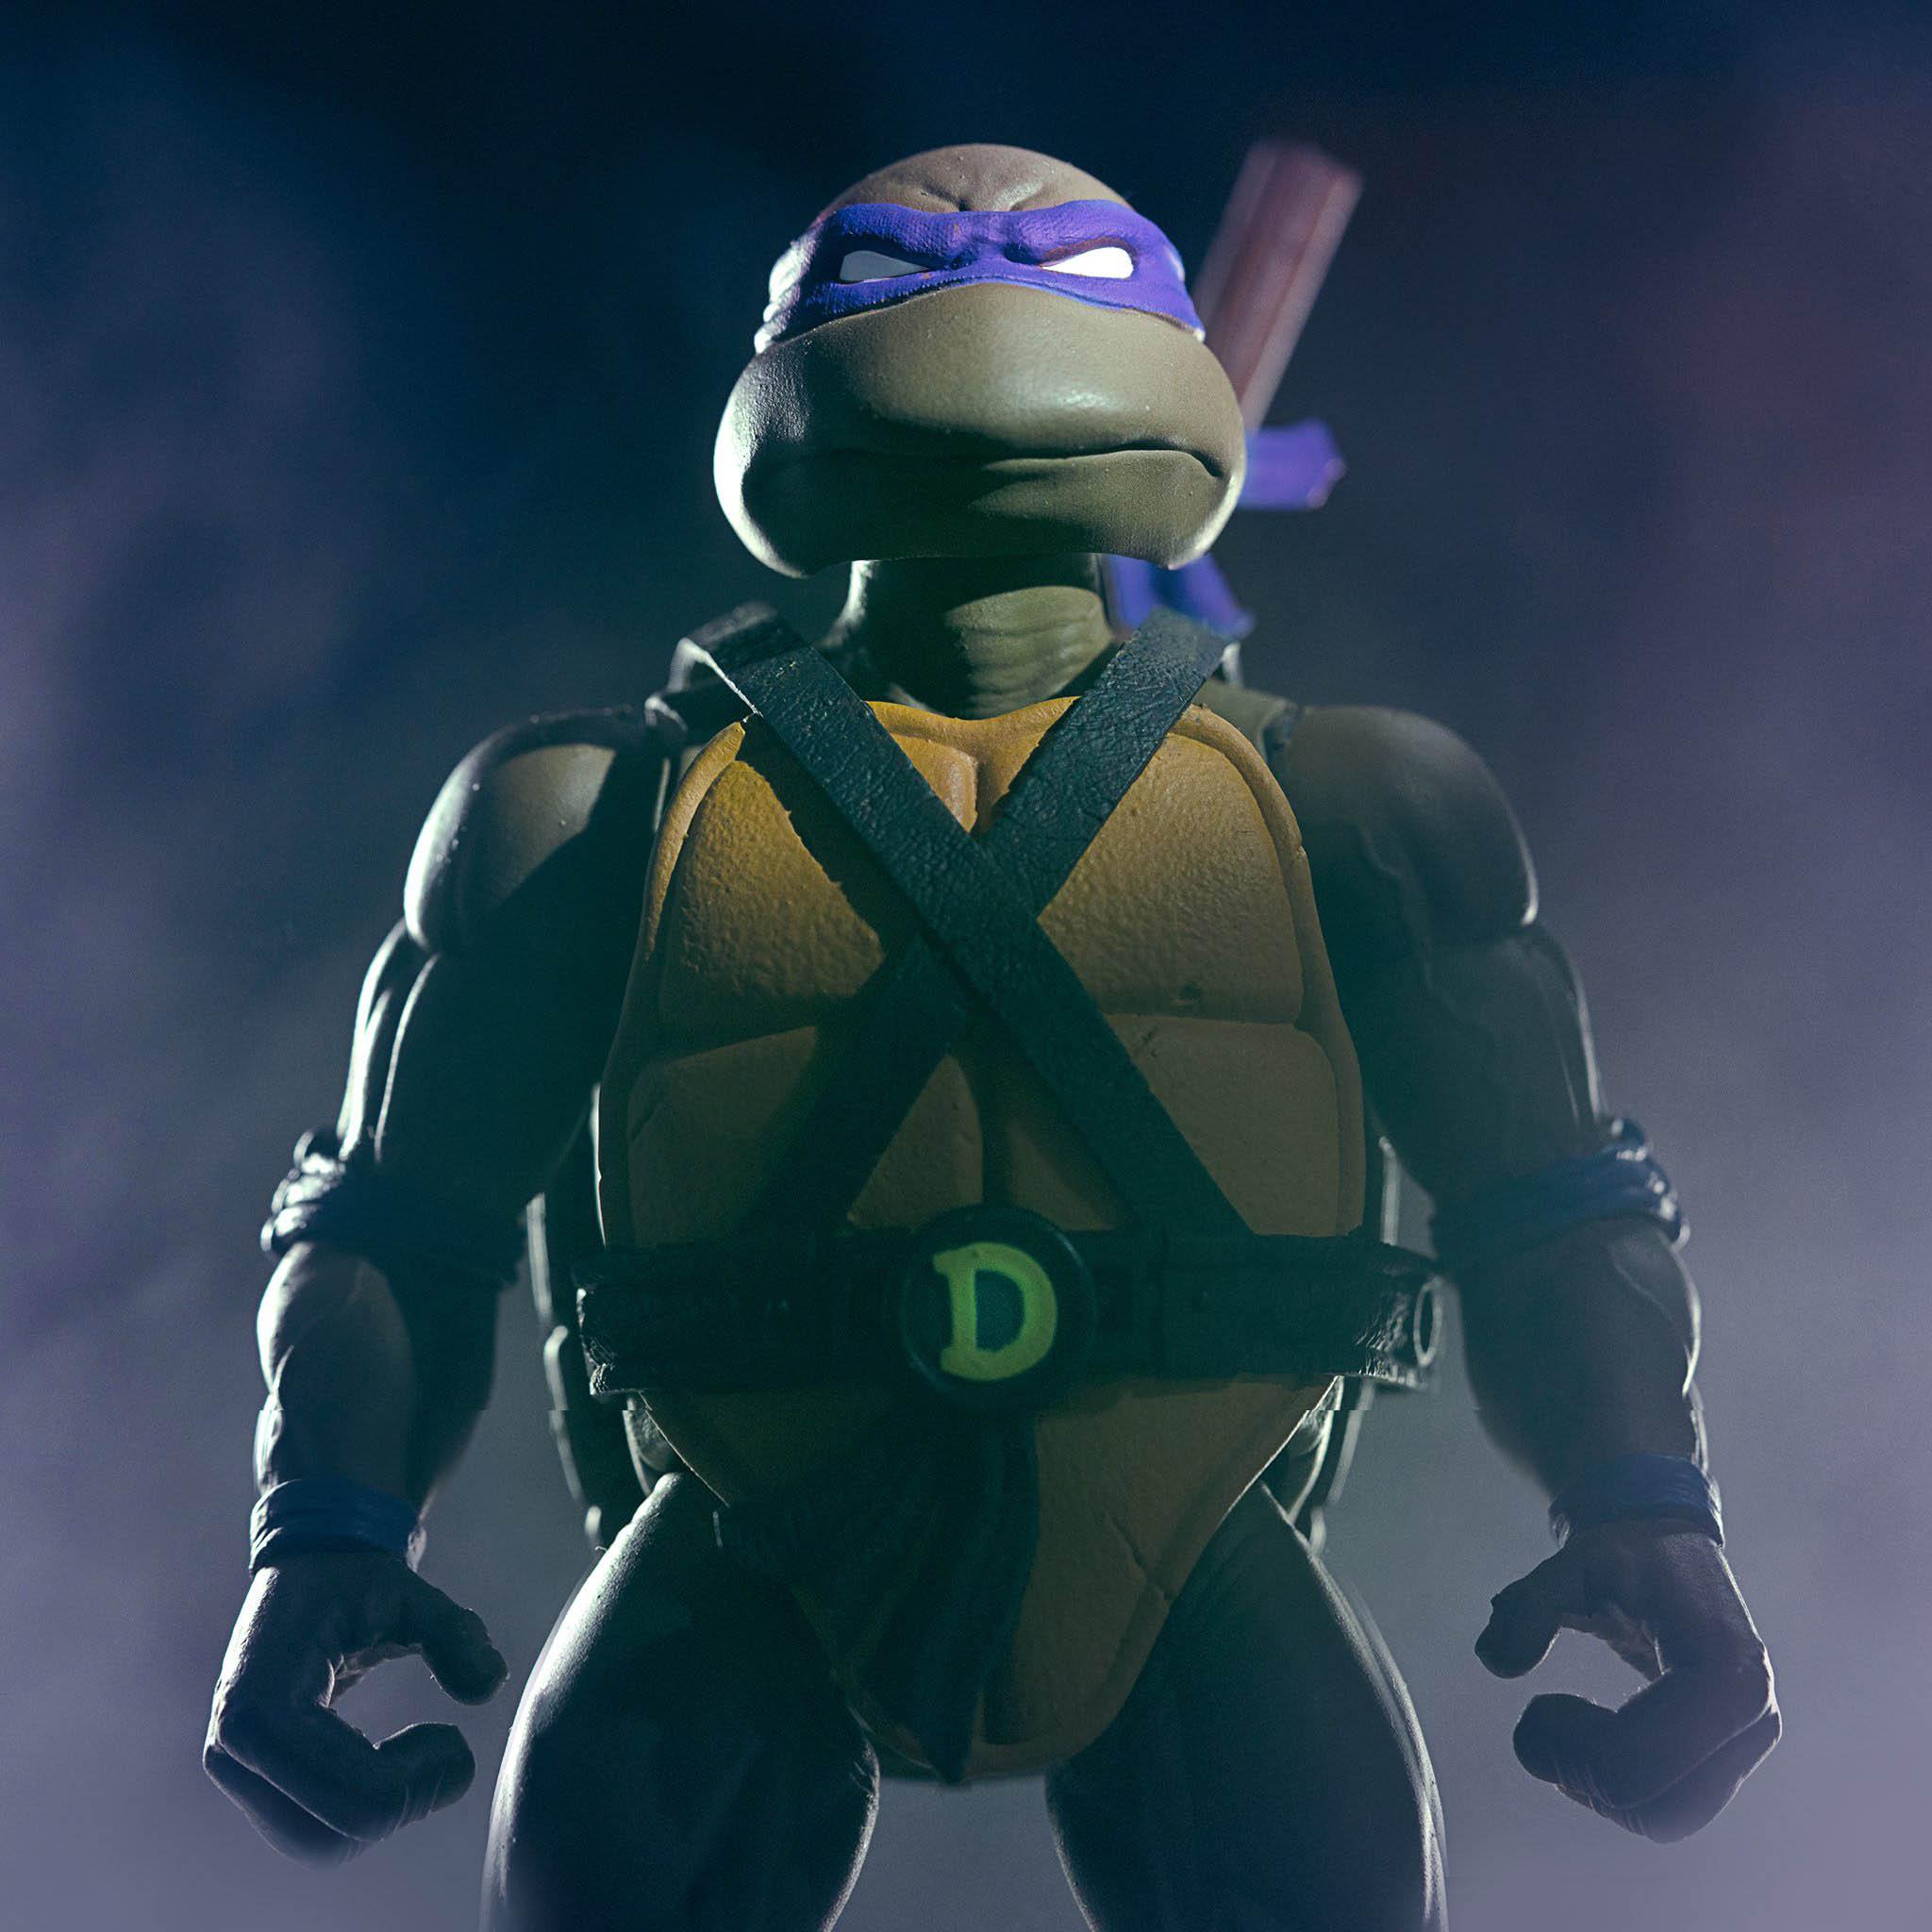 Super7-TMNT-Ultimates-Donatello-004